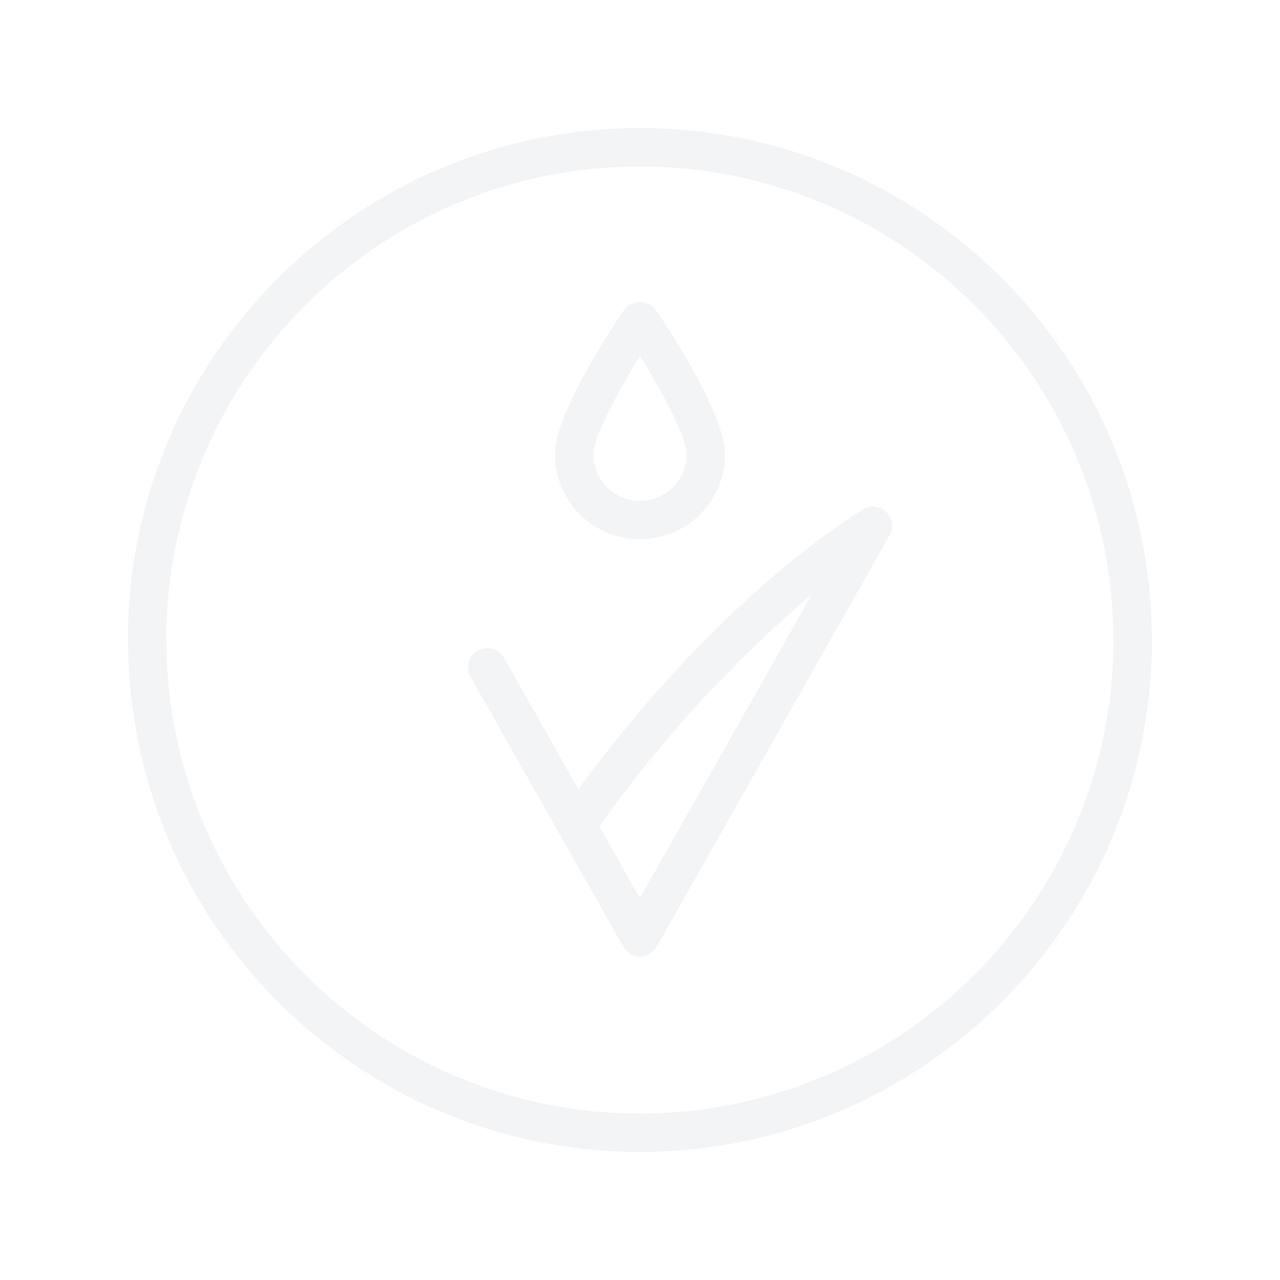 ELIZABETH ARDEN My Fifth Avenue 50ml Eau De Parfum Gift Set